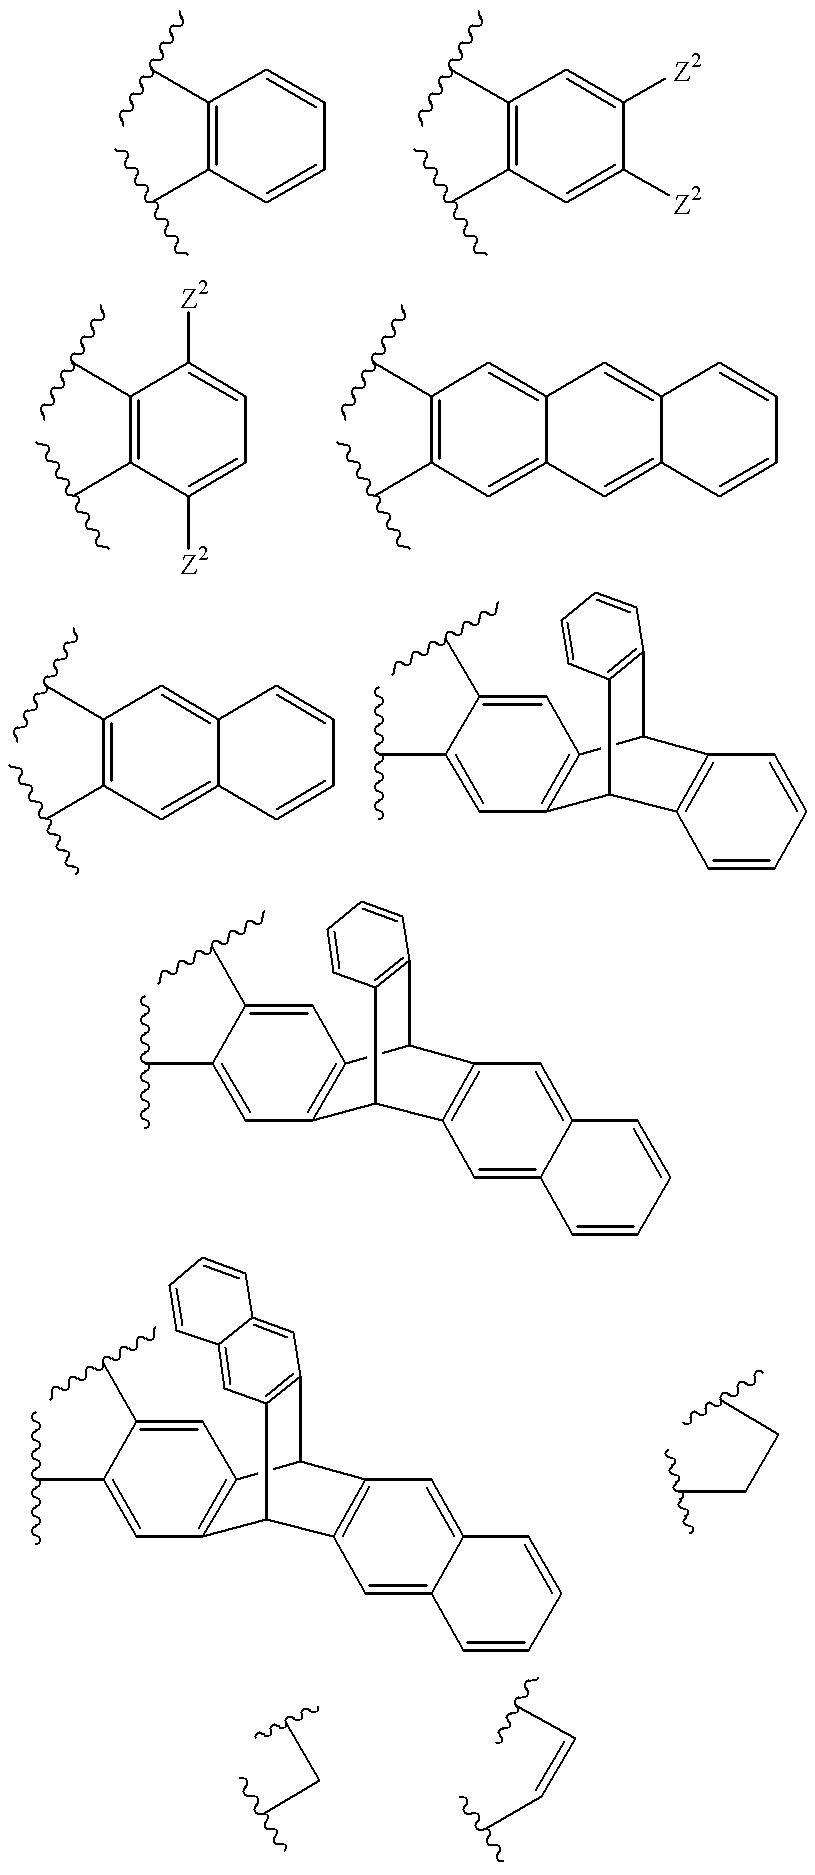 Figure US20020040805A1-20020411-C00007